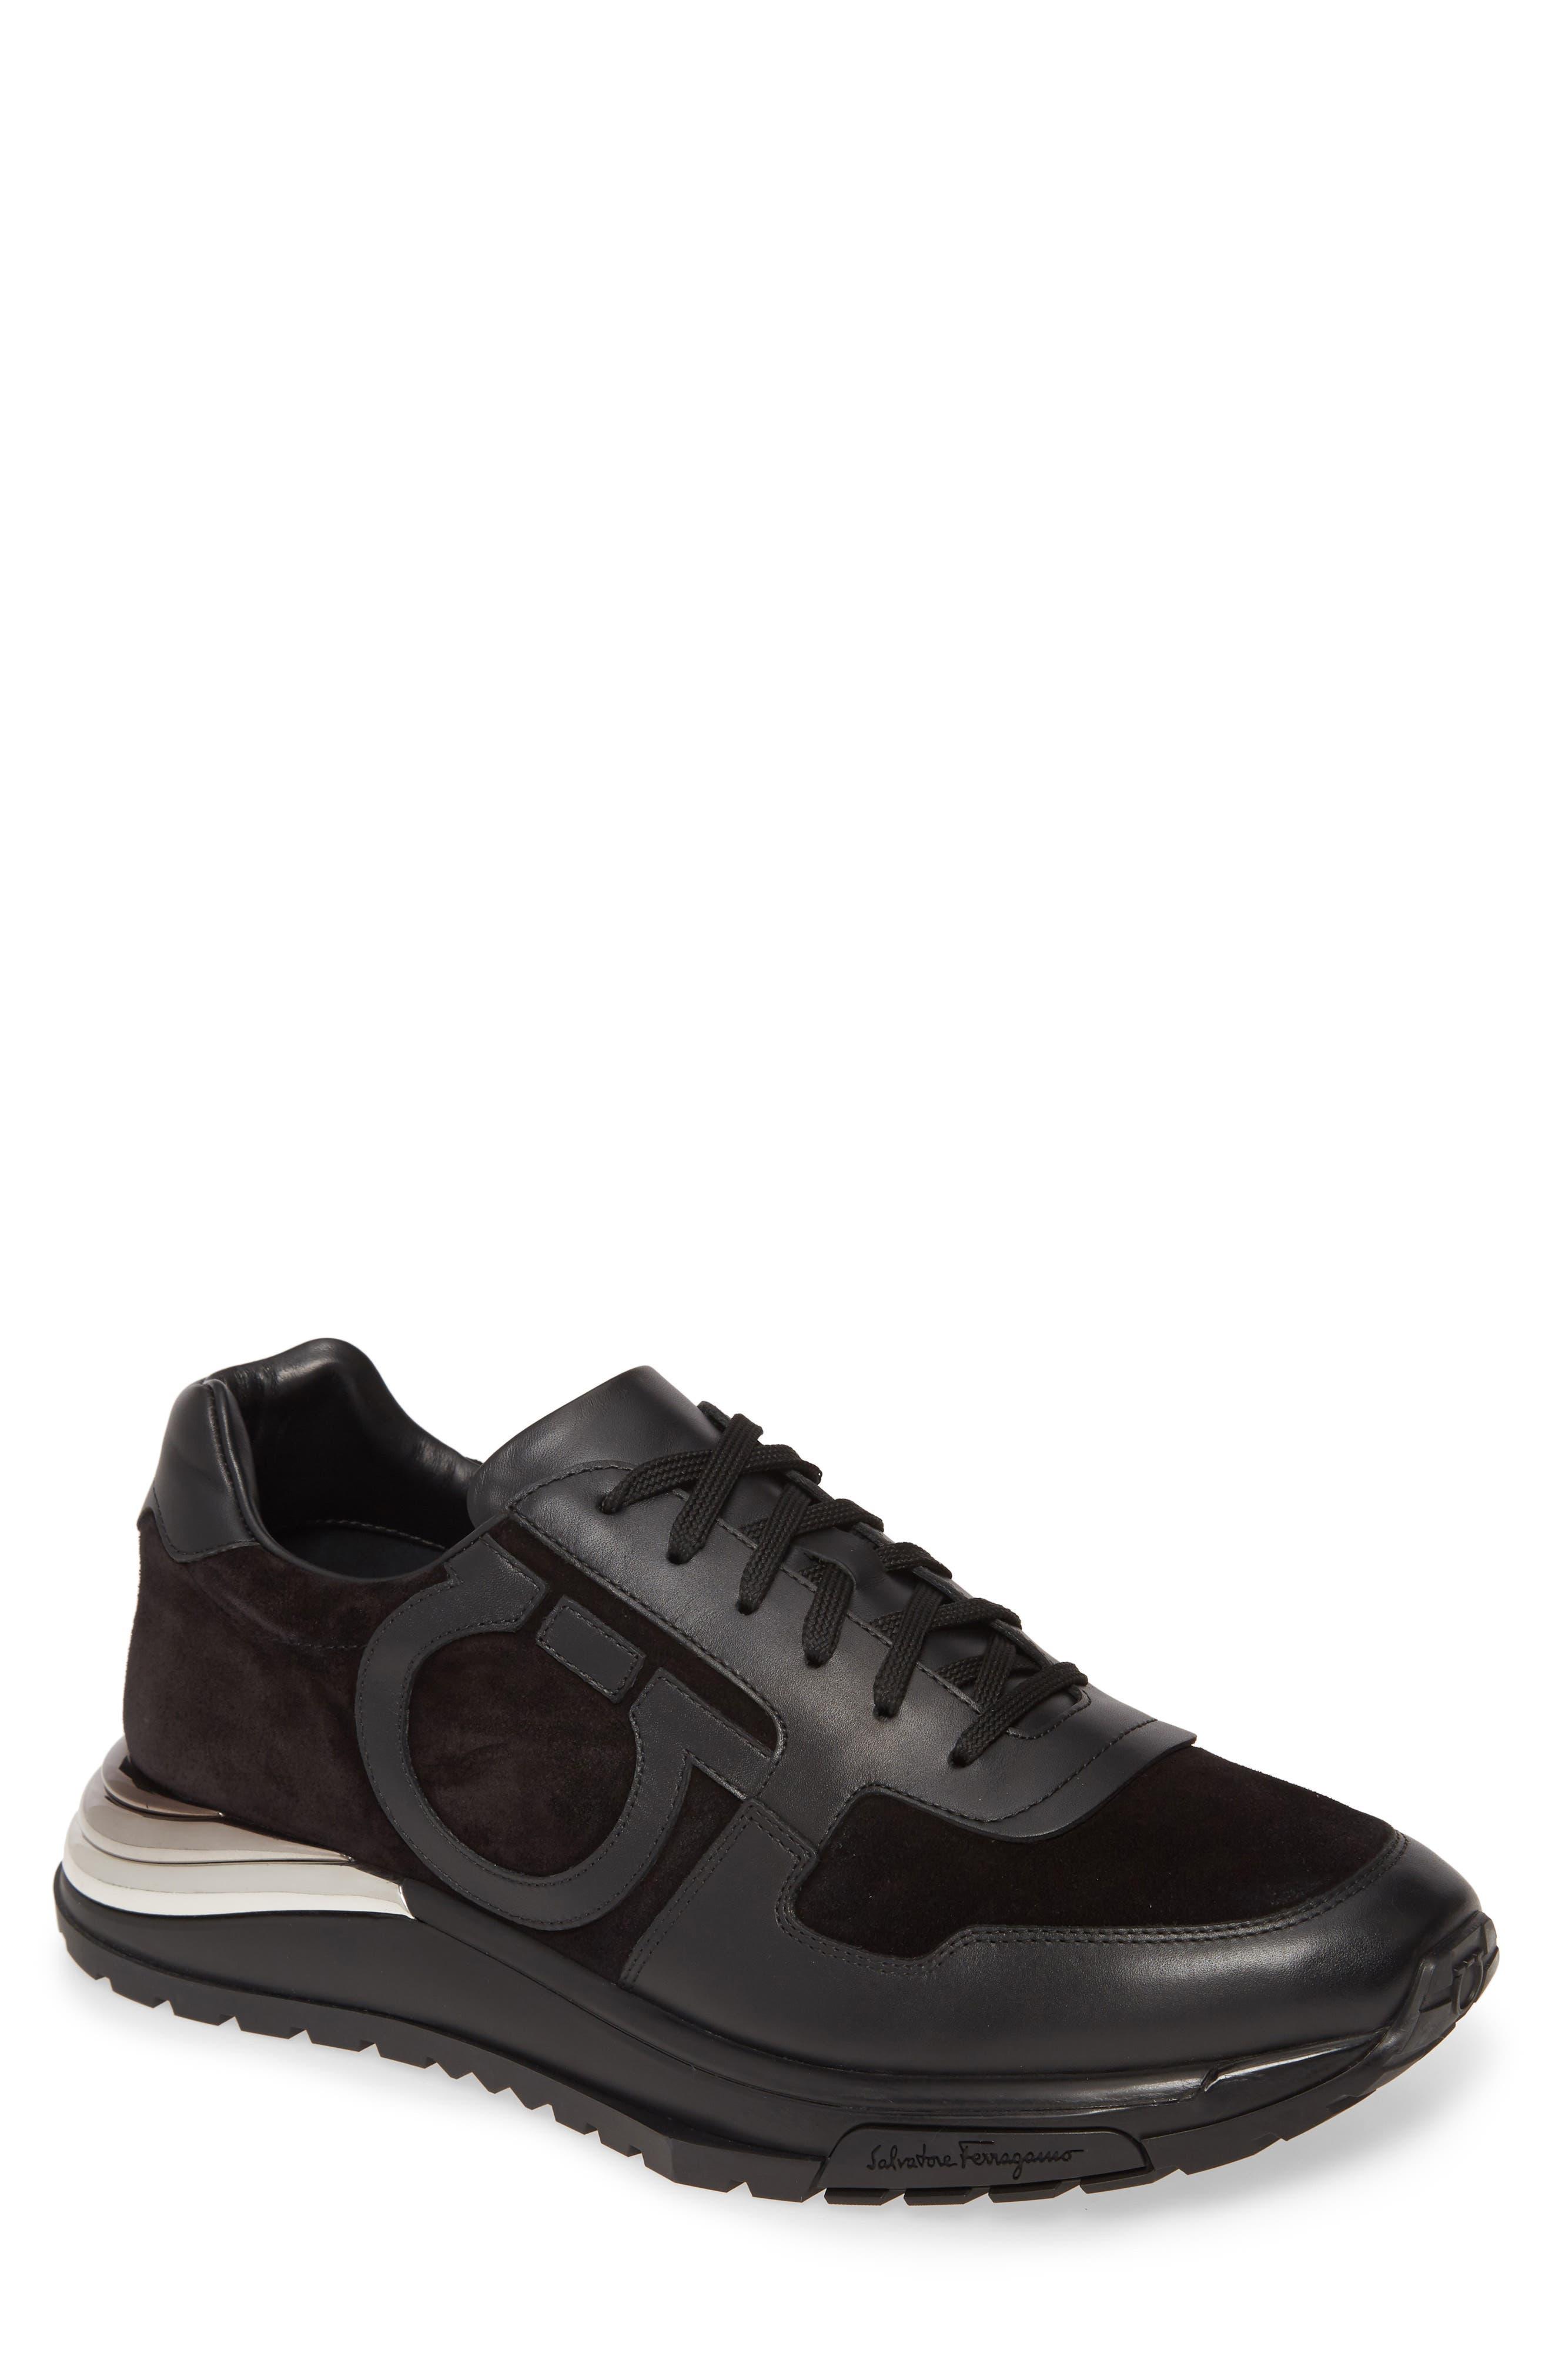 Salvatore Ferragamo Brooklyn Shoe (Men